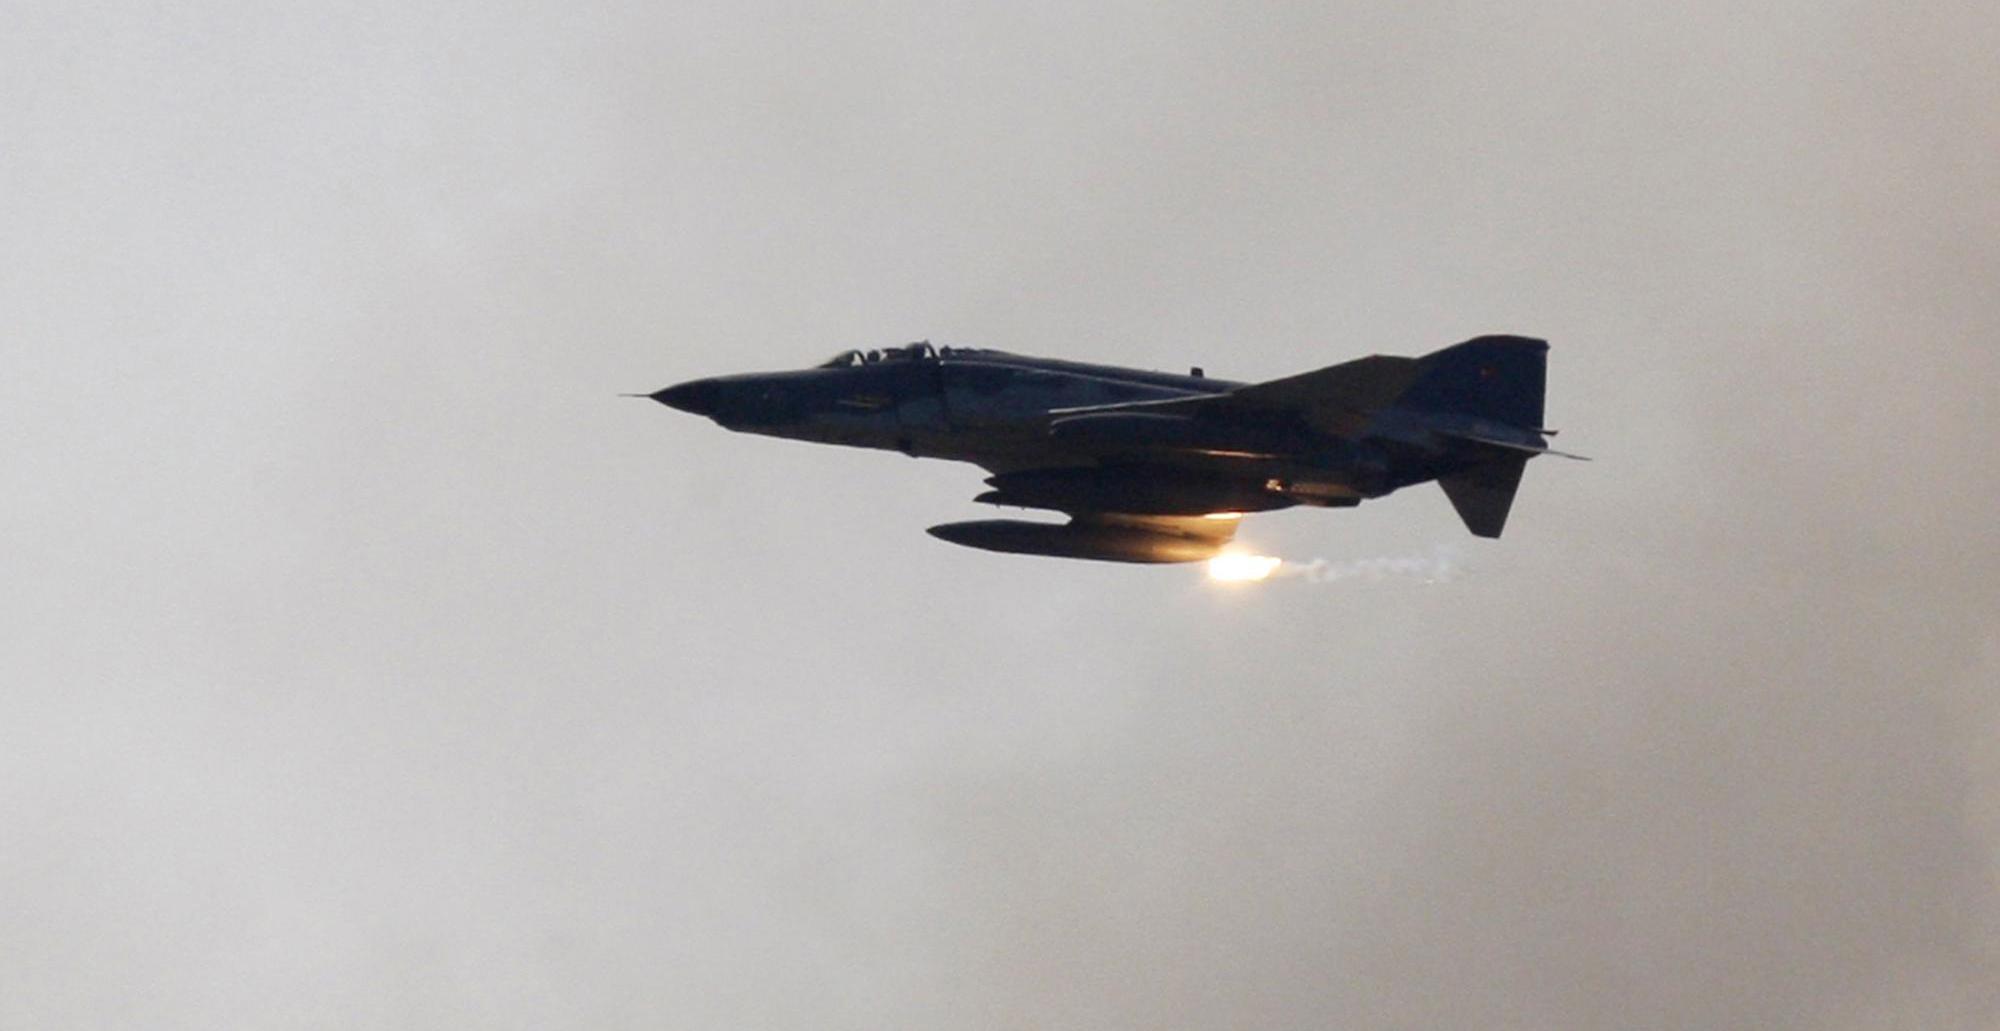 叙战机被击落 美俄摊牌在即?